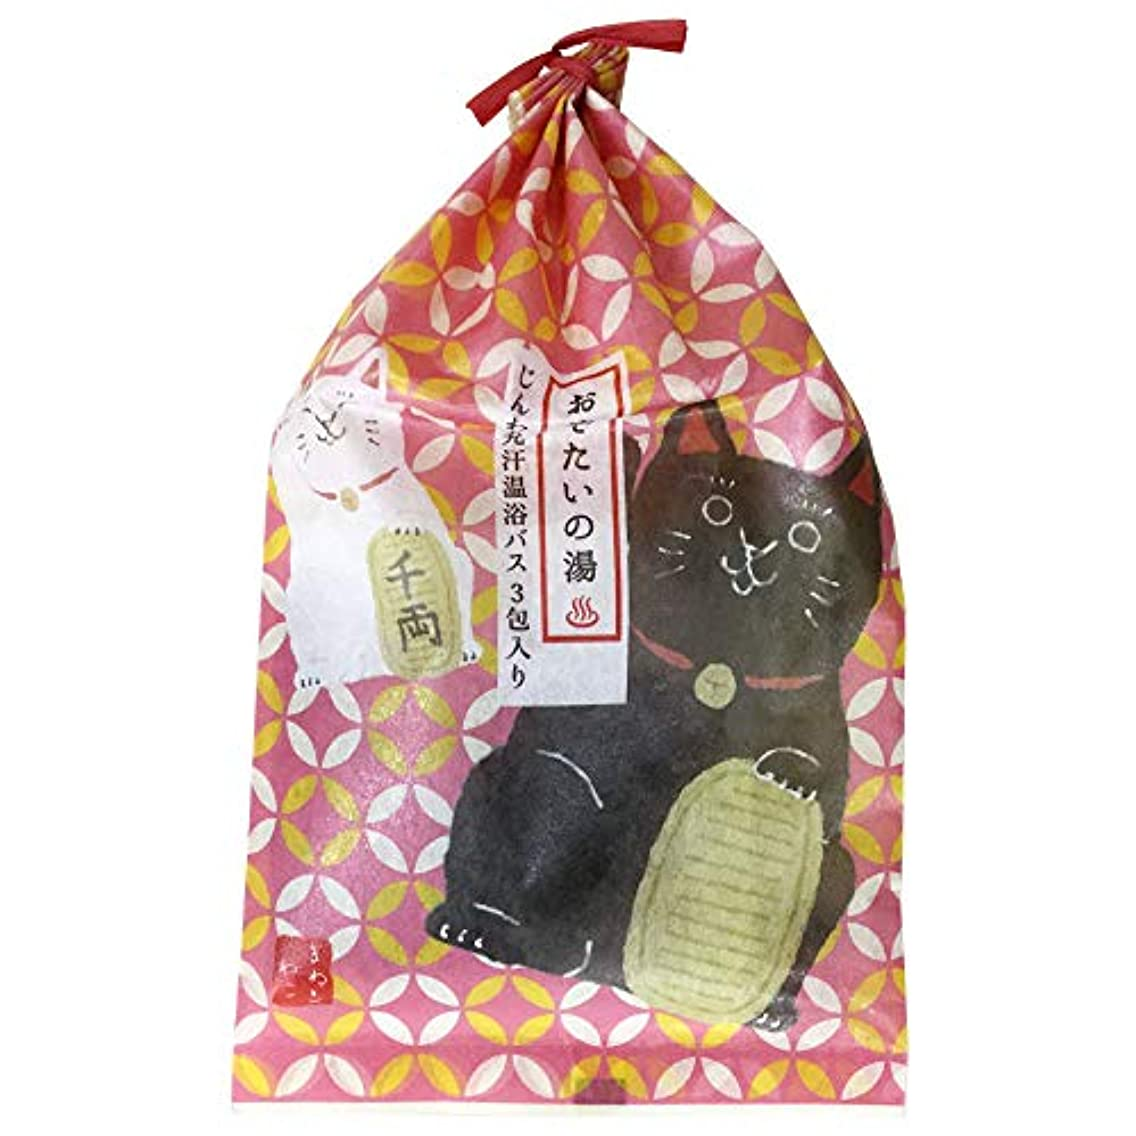 すごいジョットディボンドン嵐【招き猫(60789)】 チャーリー おめでたいの湯 バスバッグ3包入り 日本製